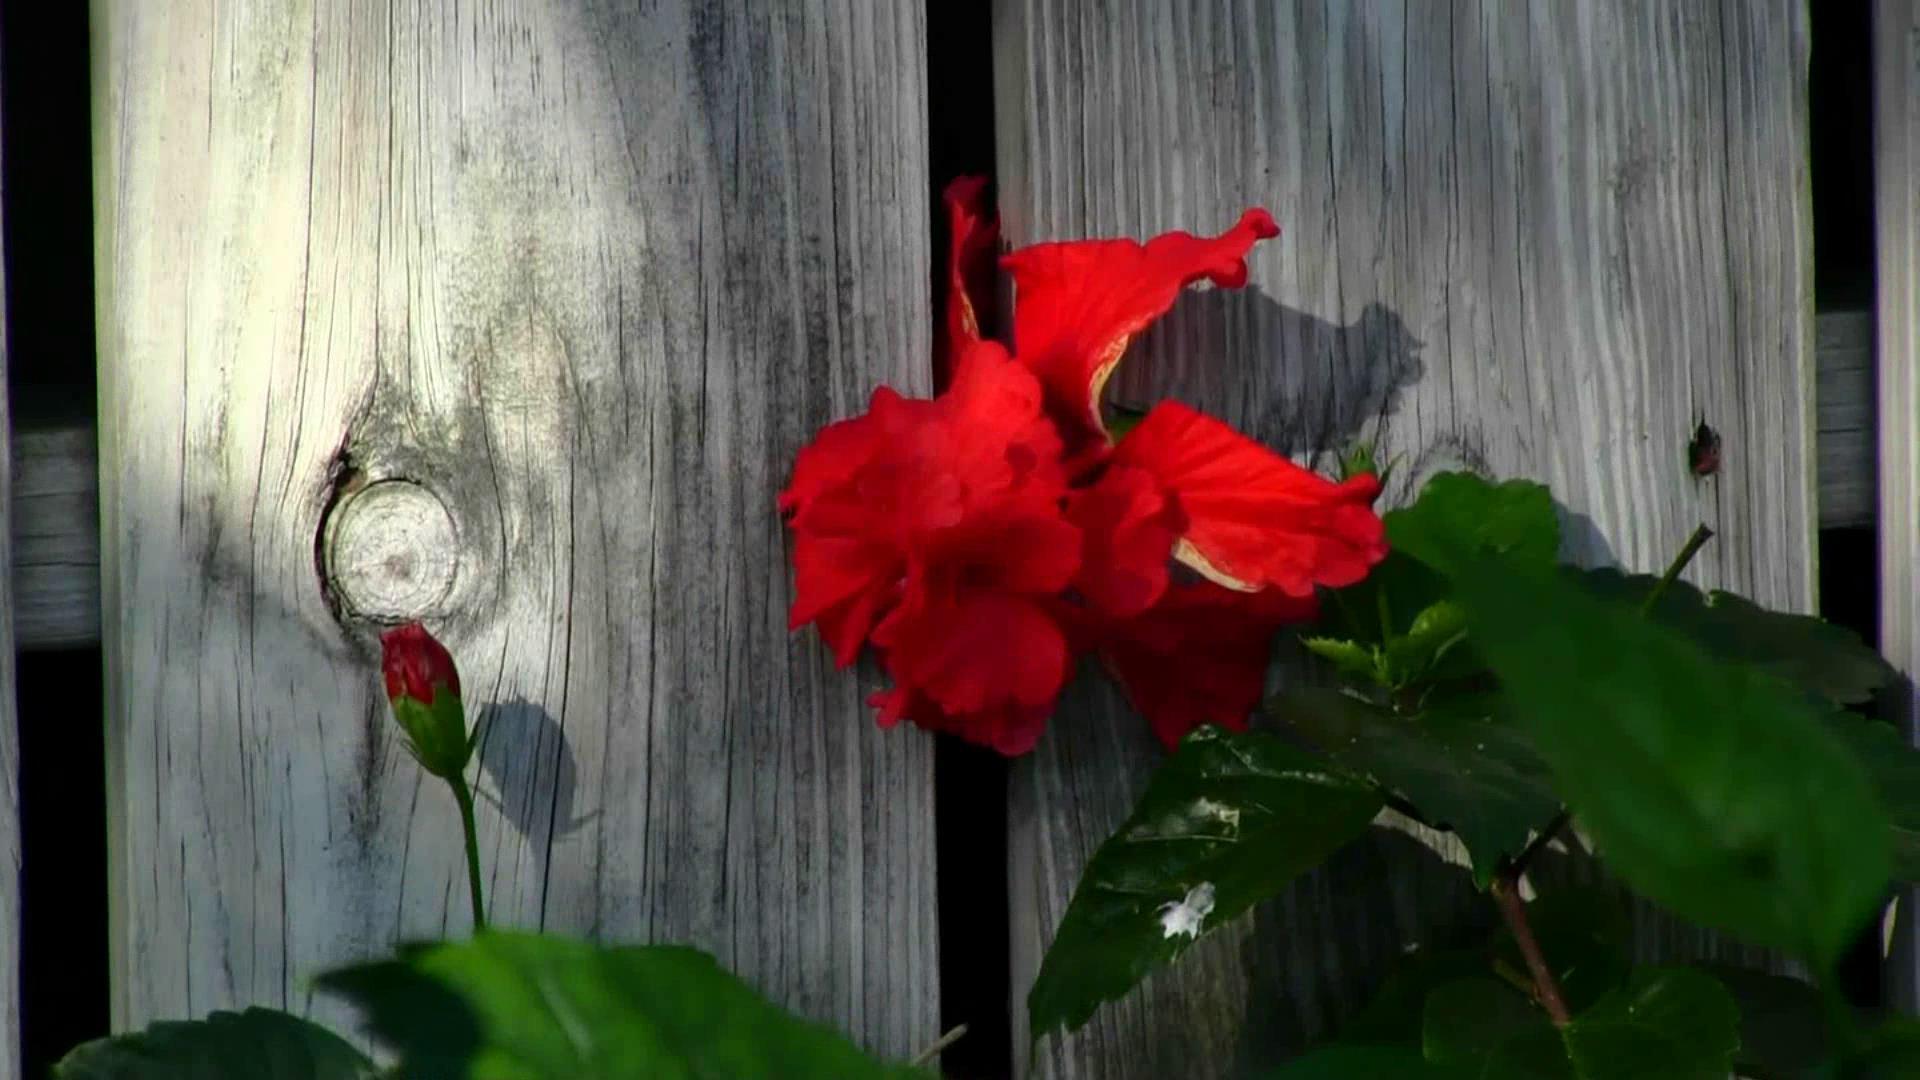 鲜艳的栅栏边开放的红色花朵摇曳高清视频实拍